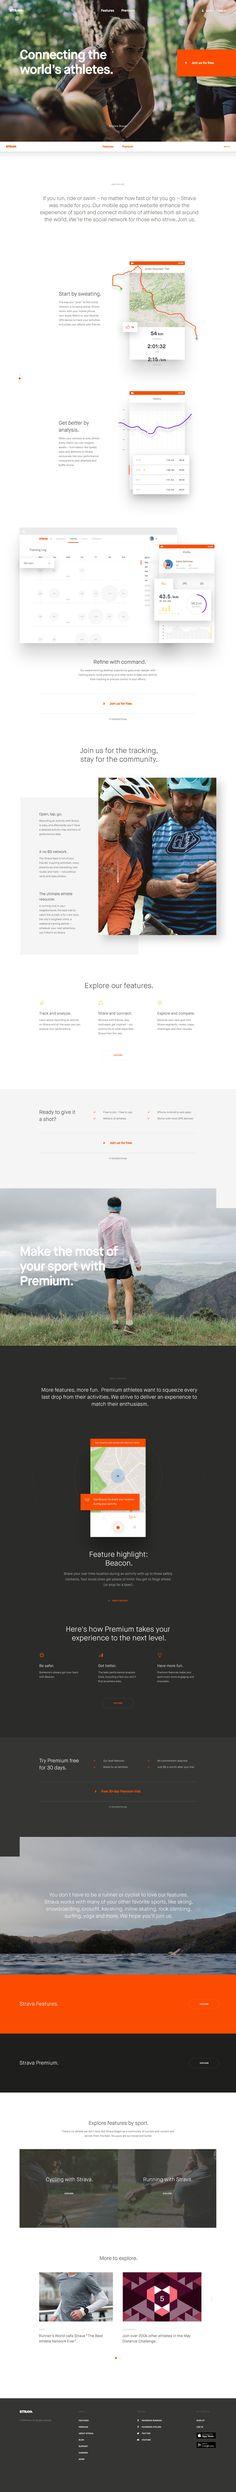 Strava Homepage by Dave Soderberg